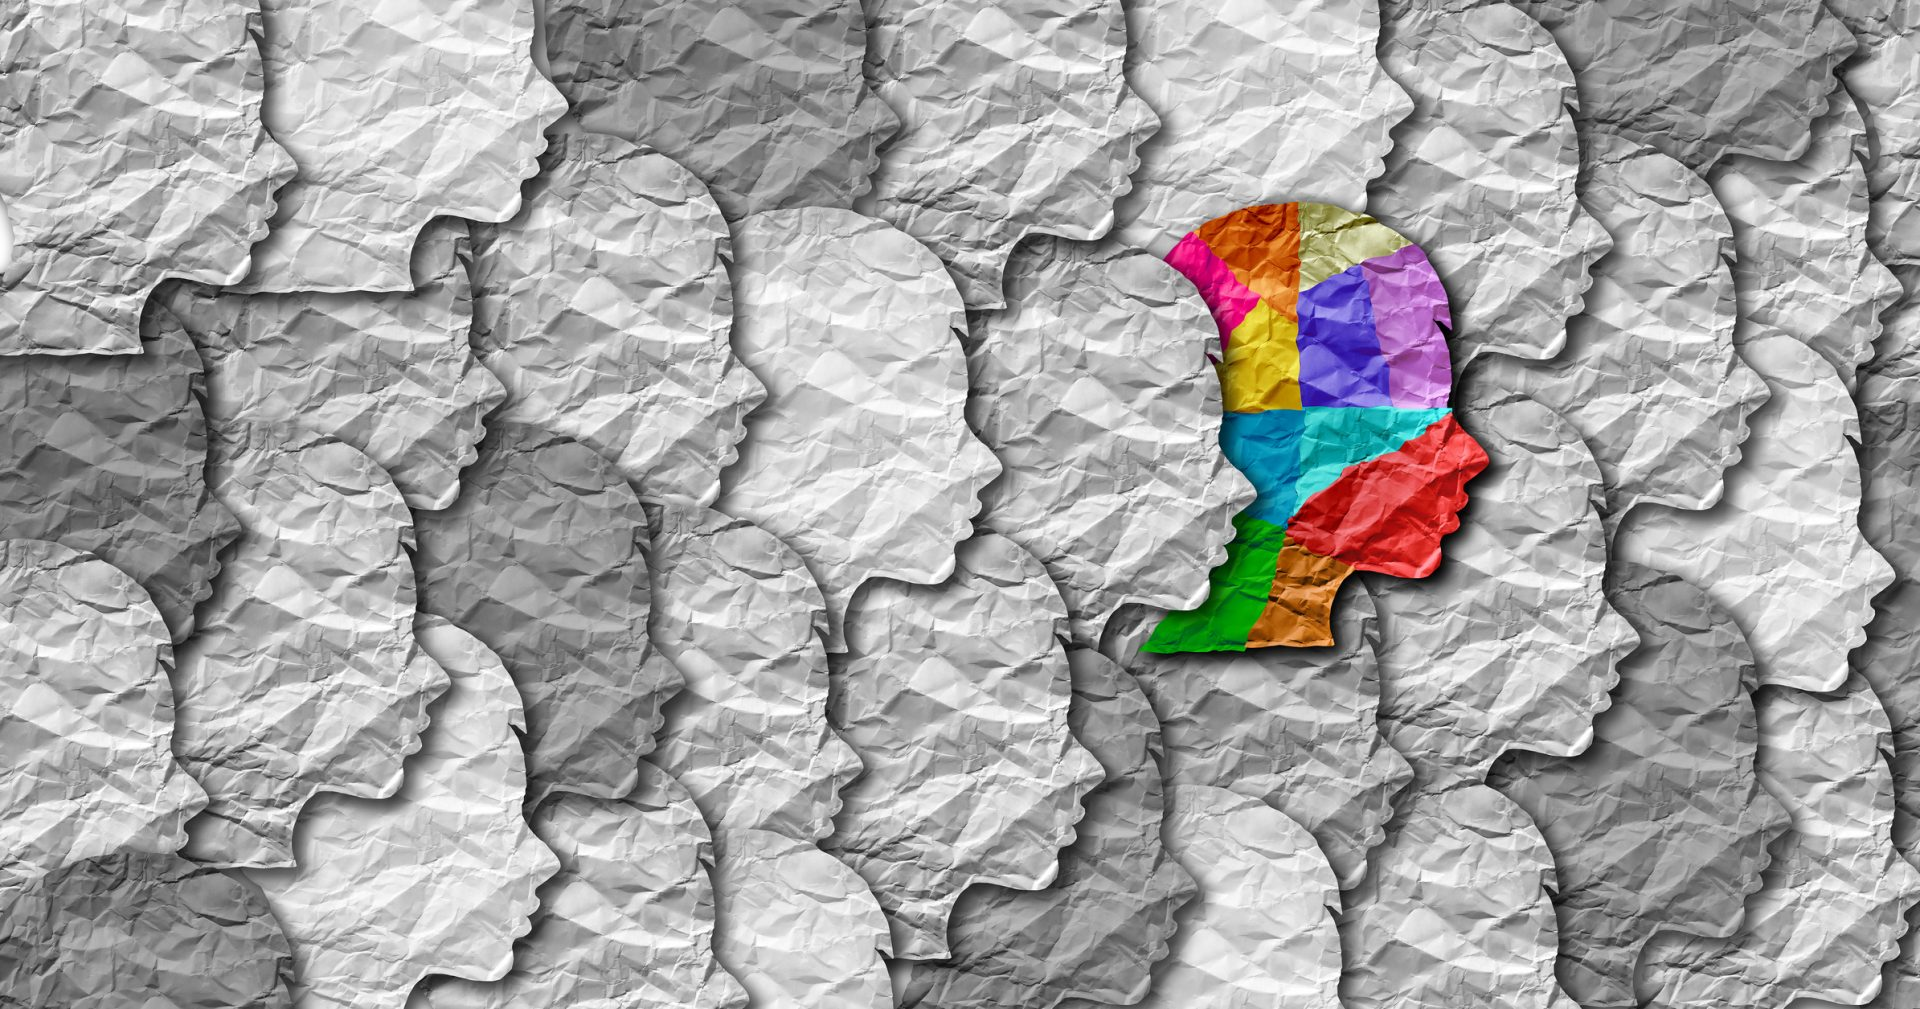 Autismo é uma doença? Conheça 5 mitos e verdades sobre o transtorno